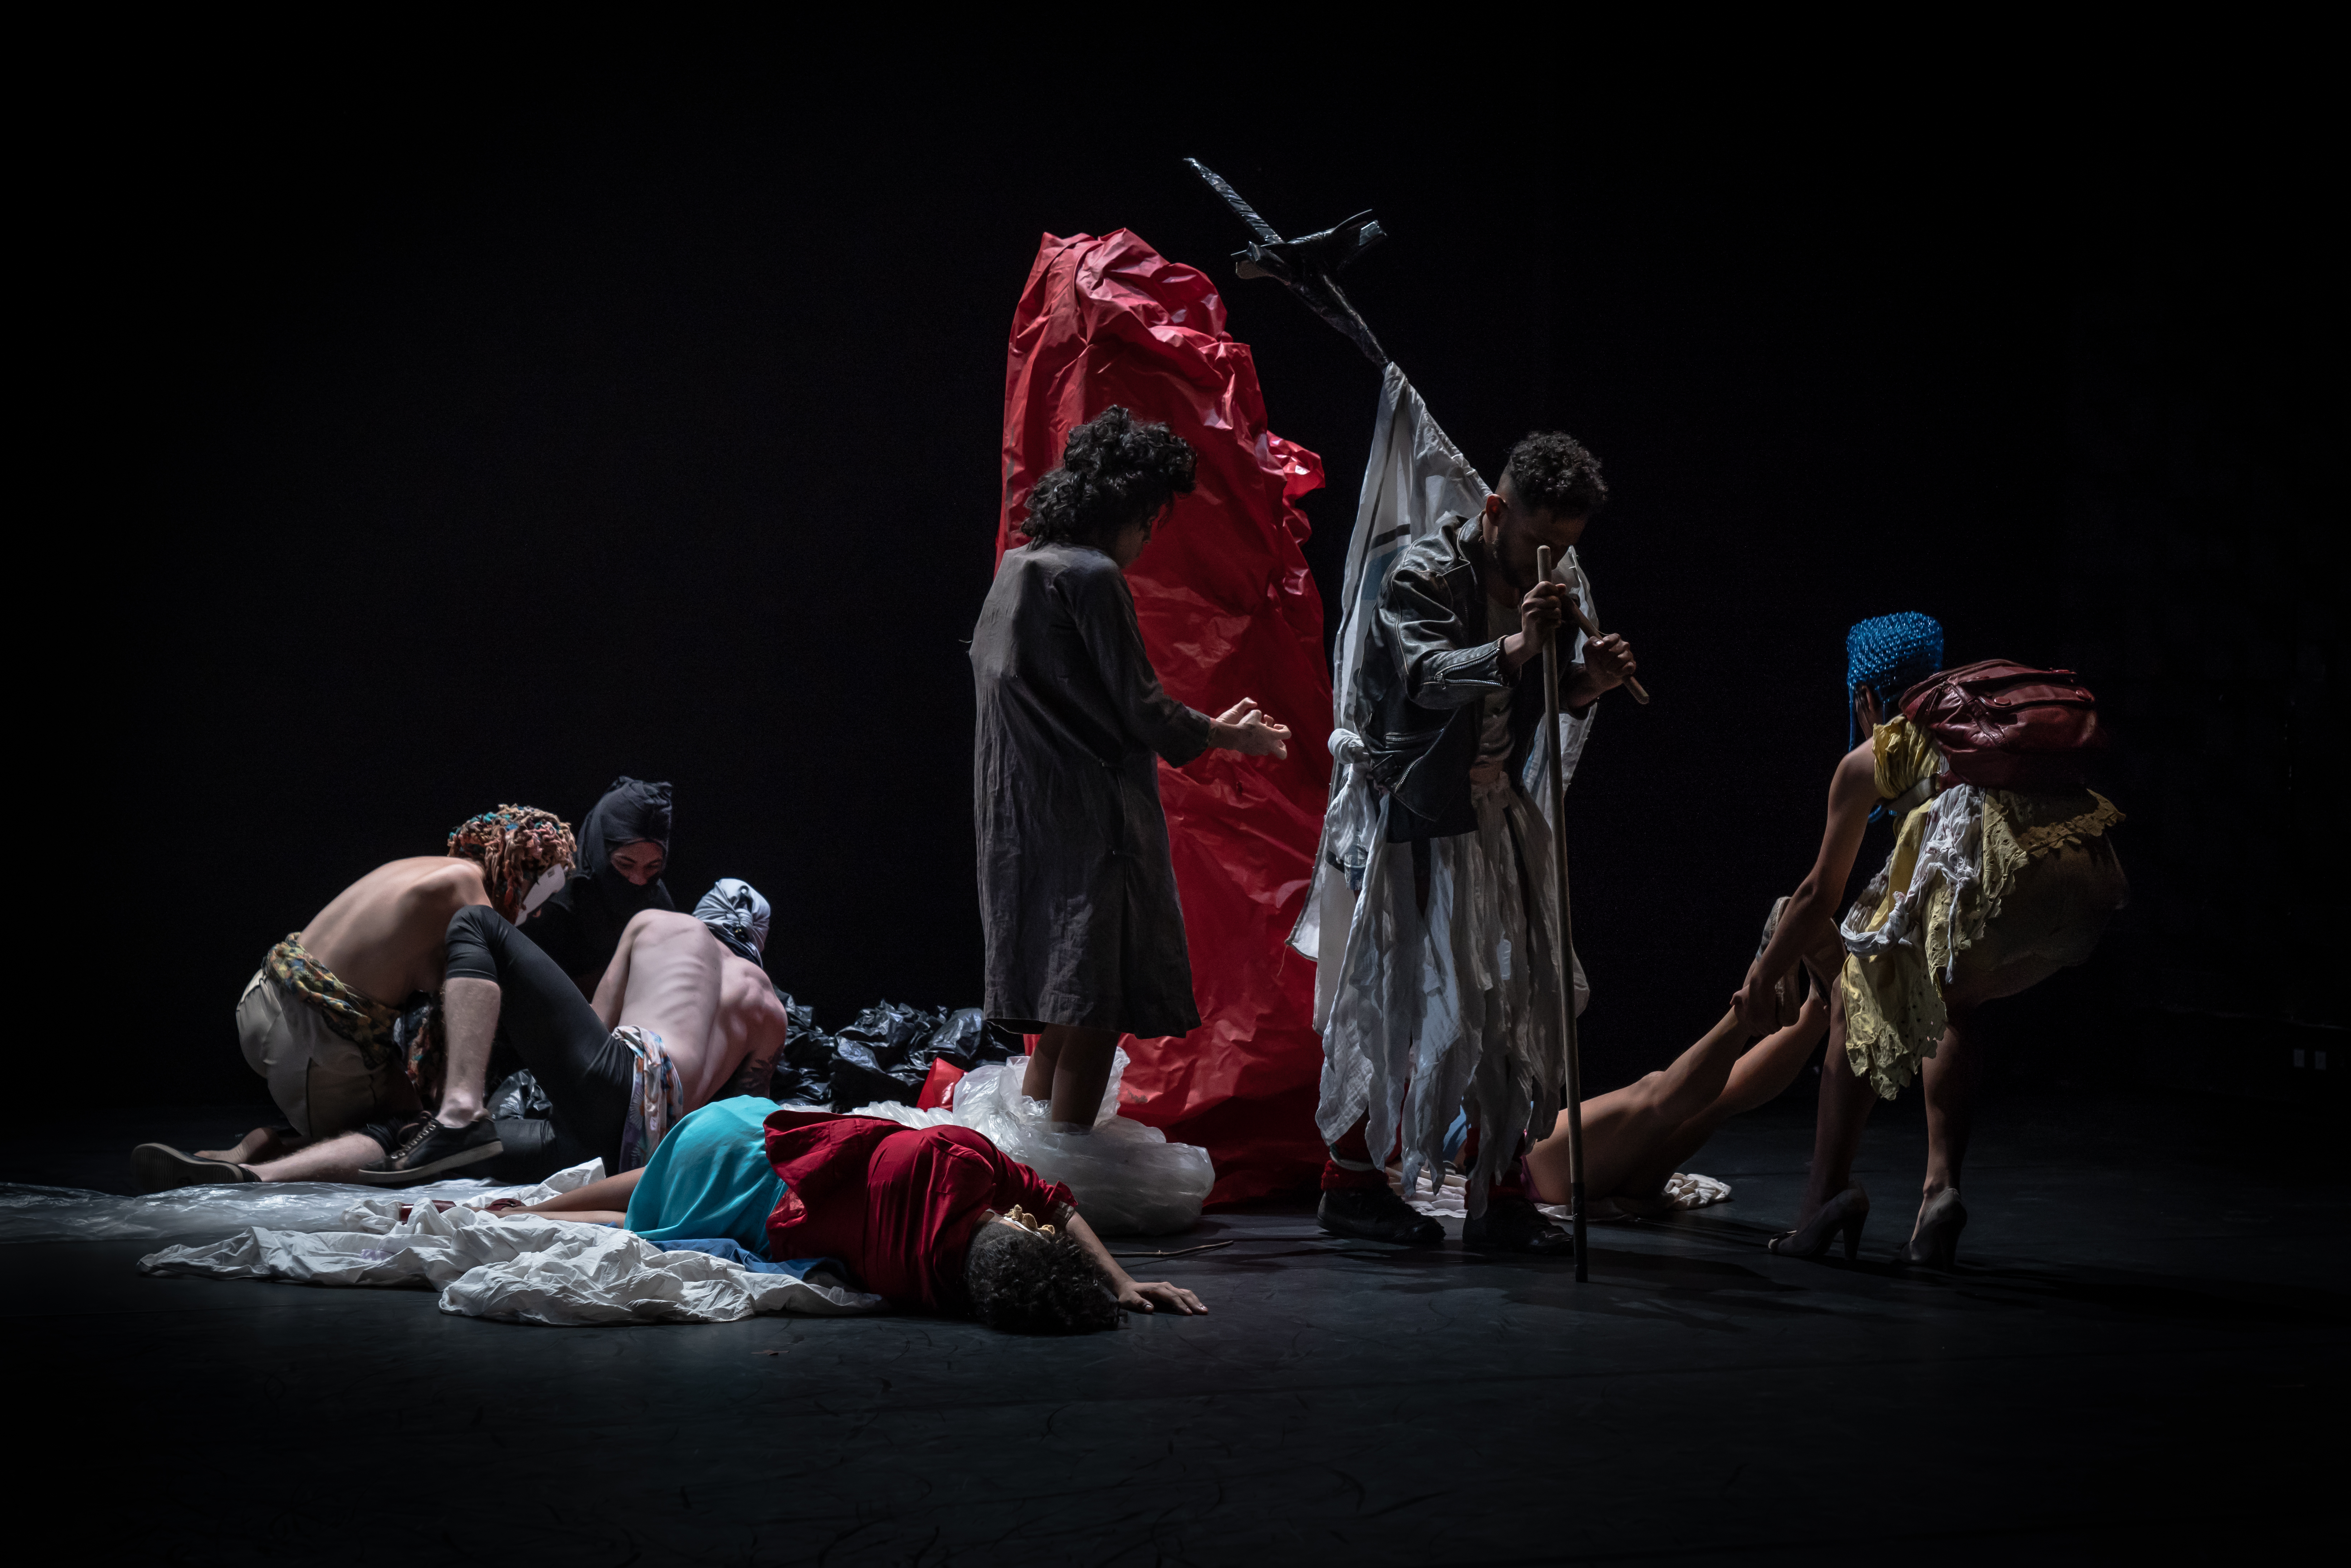 xii-bienal-internacional-de-danca-do-ceara-chega-a-12a-edicao